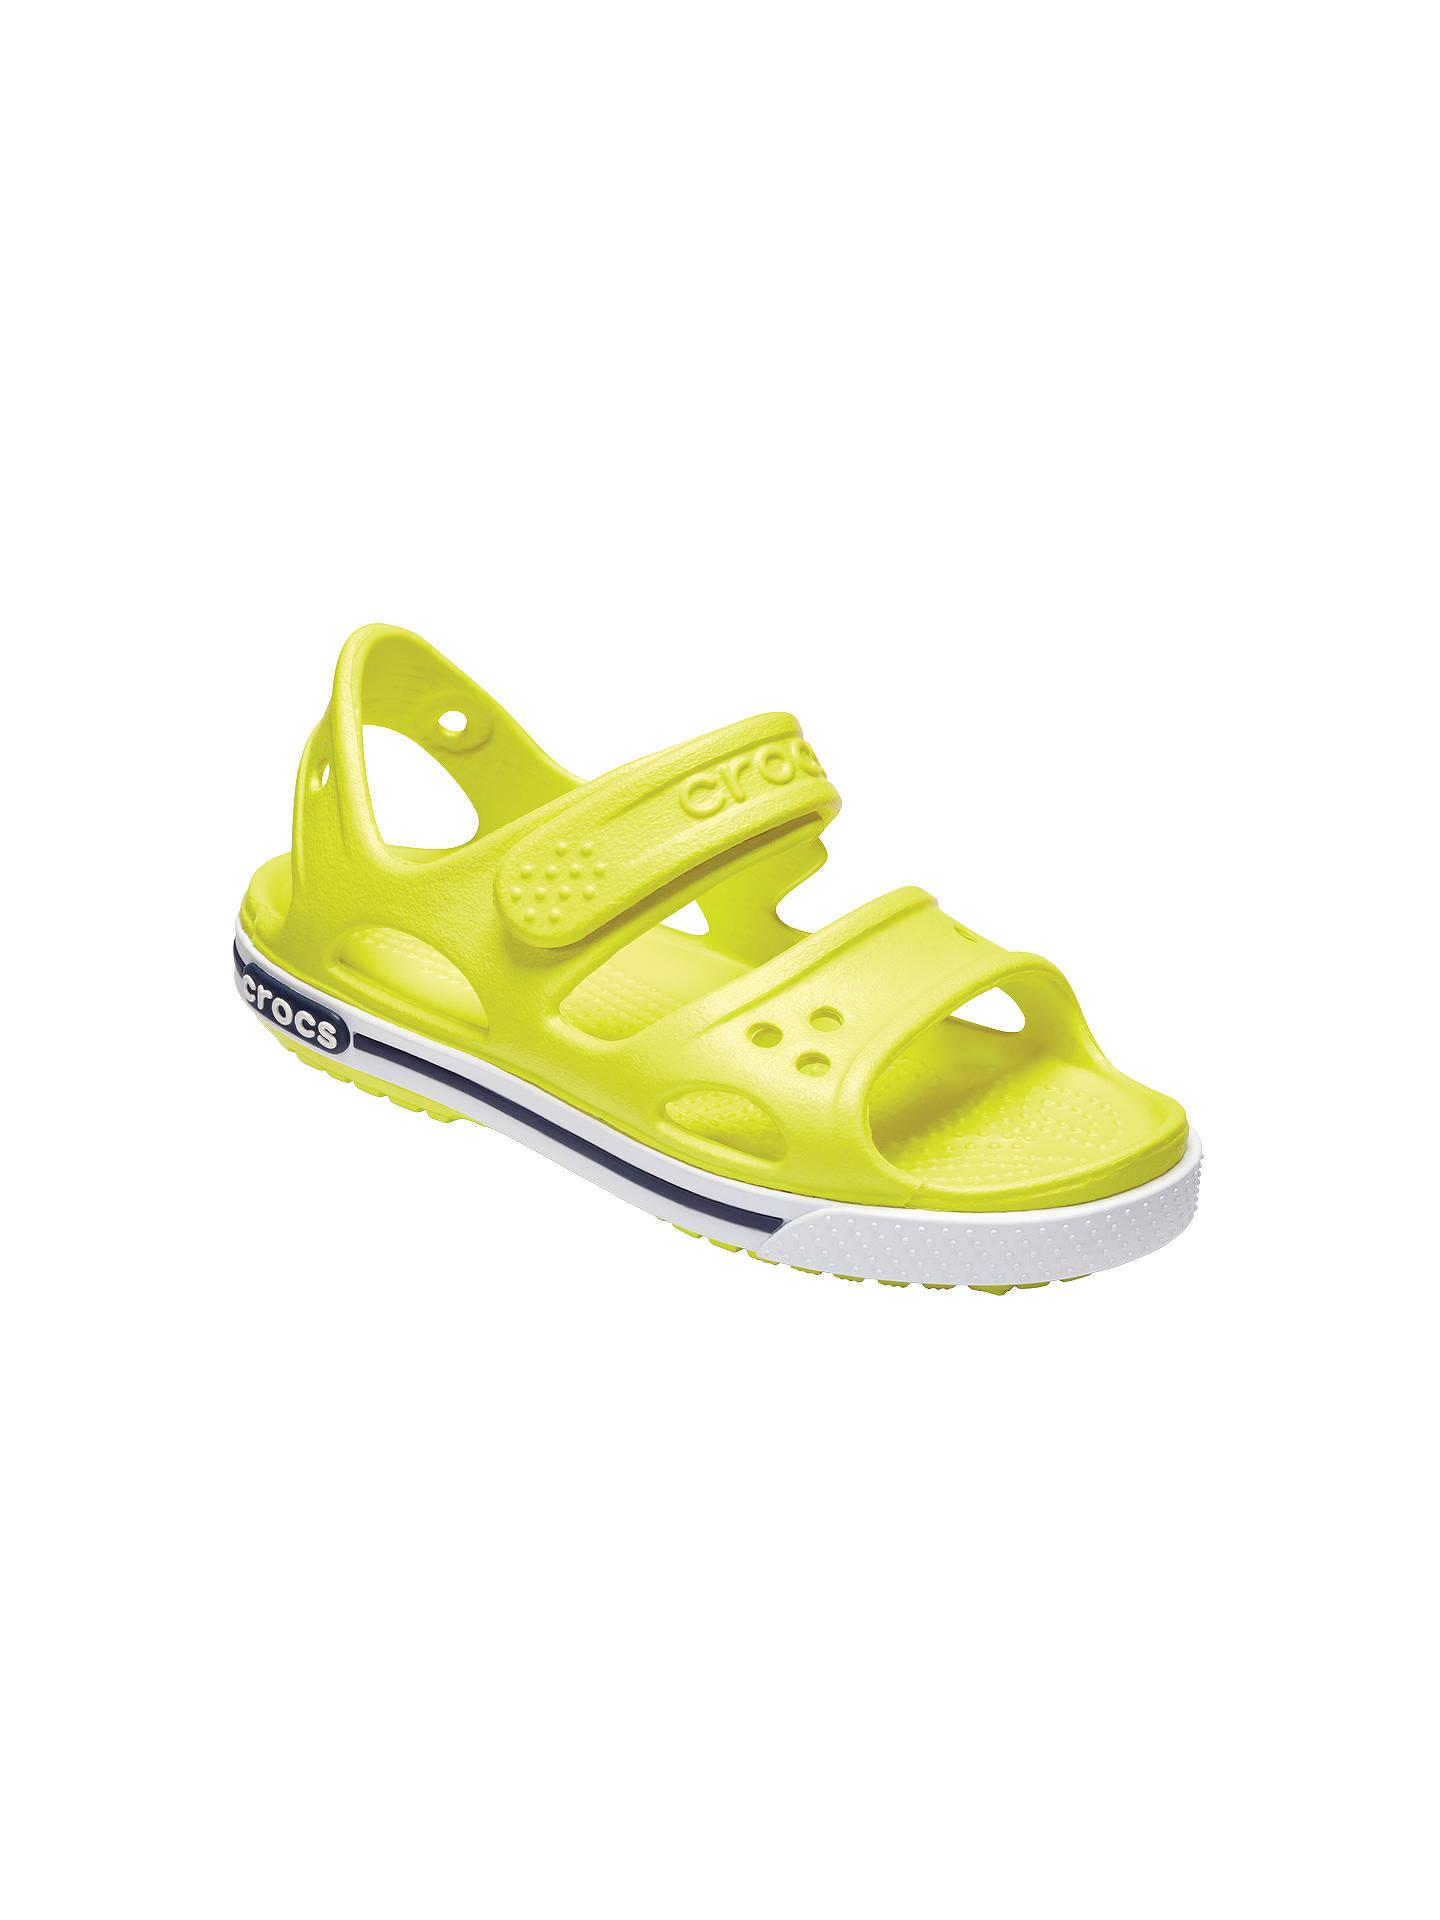 a8b9a980ad1876 Buy Crocs Children s Crocband II Sandals